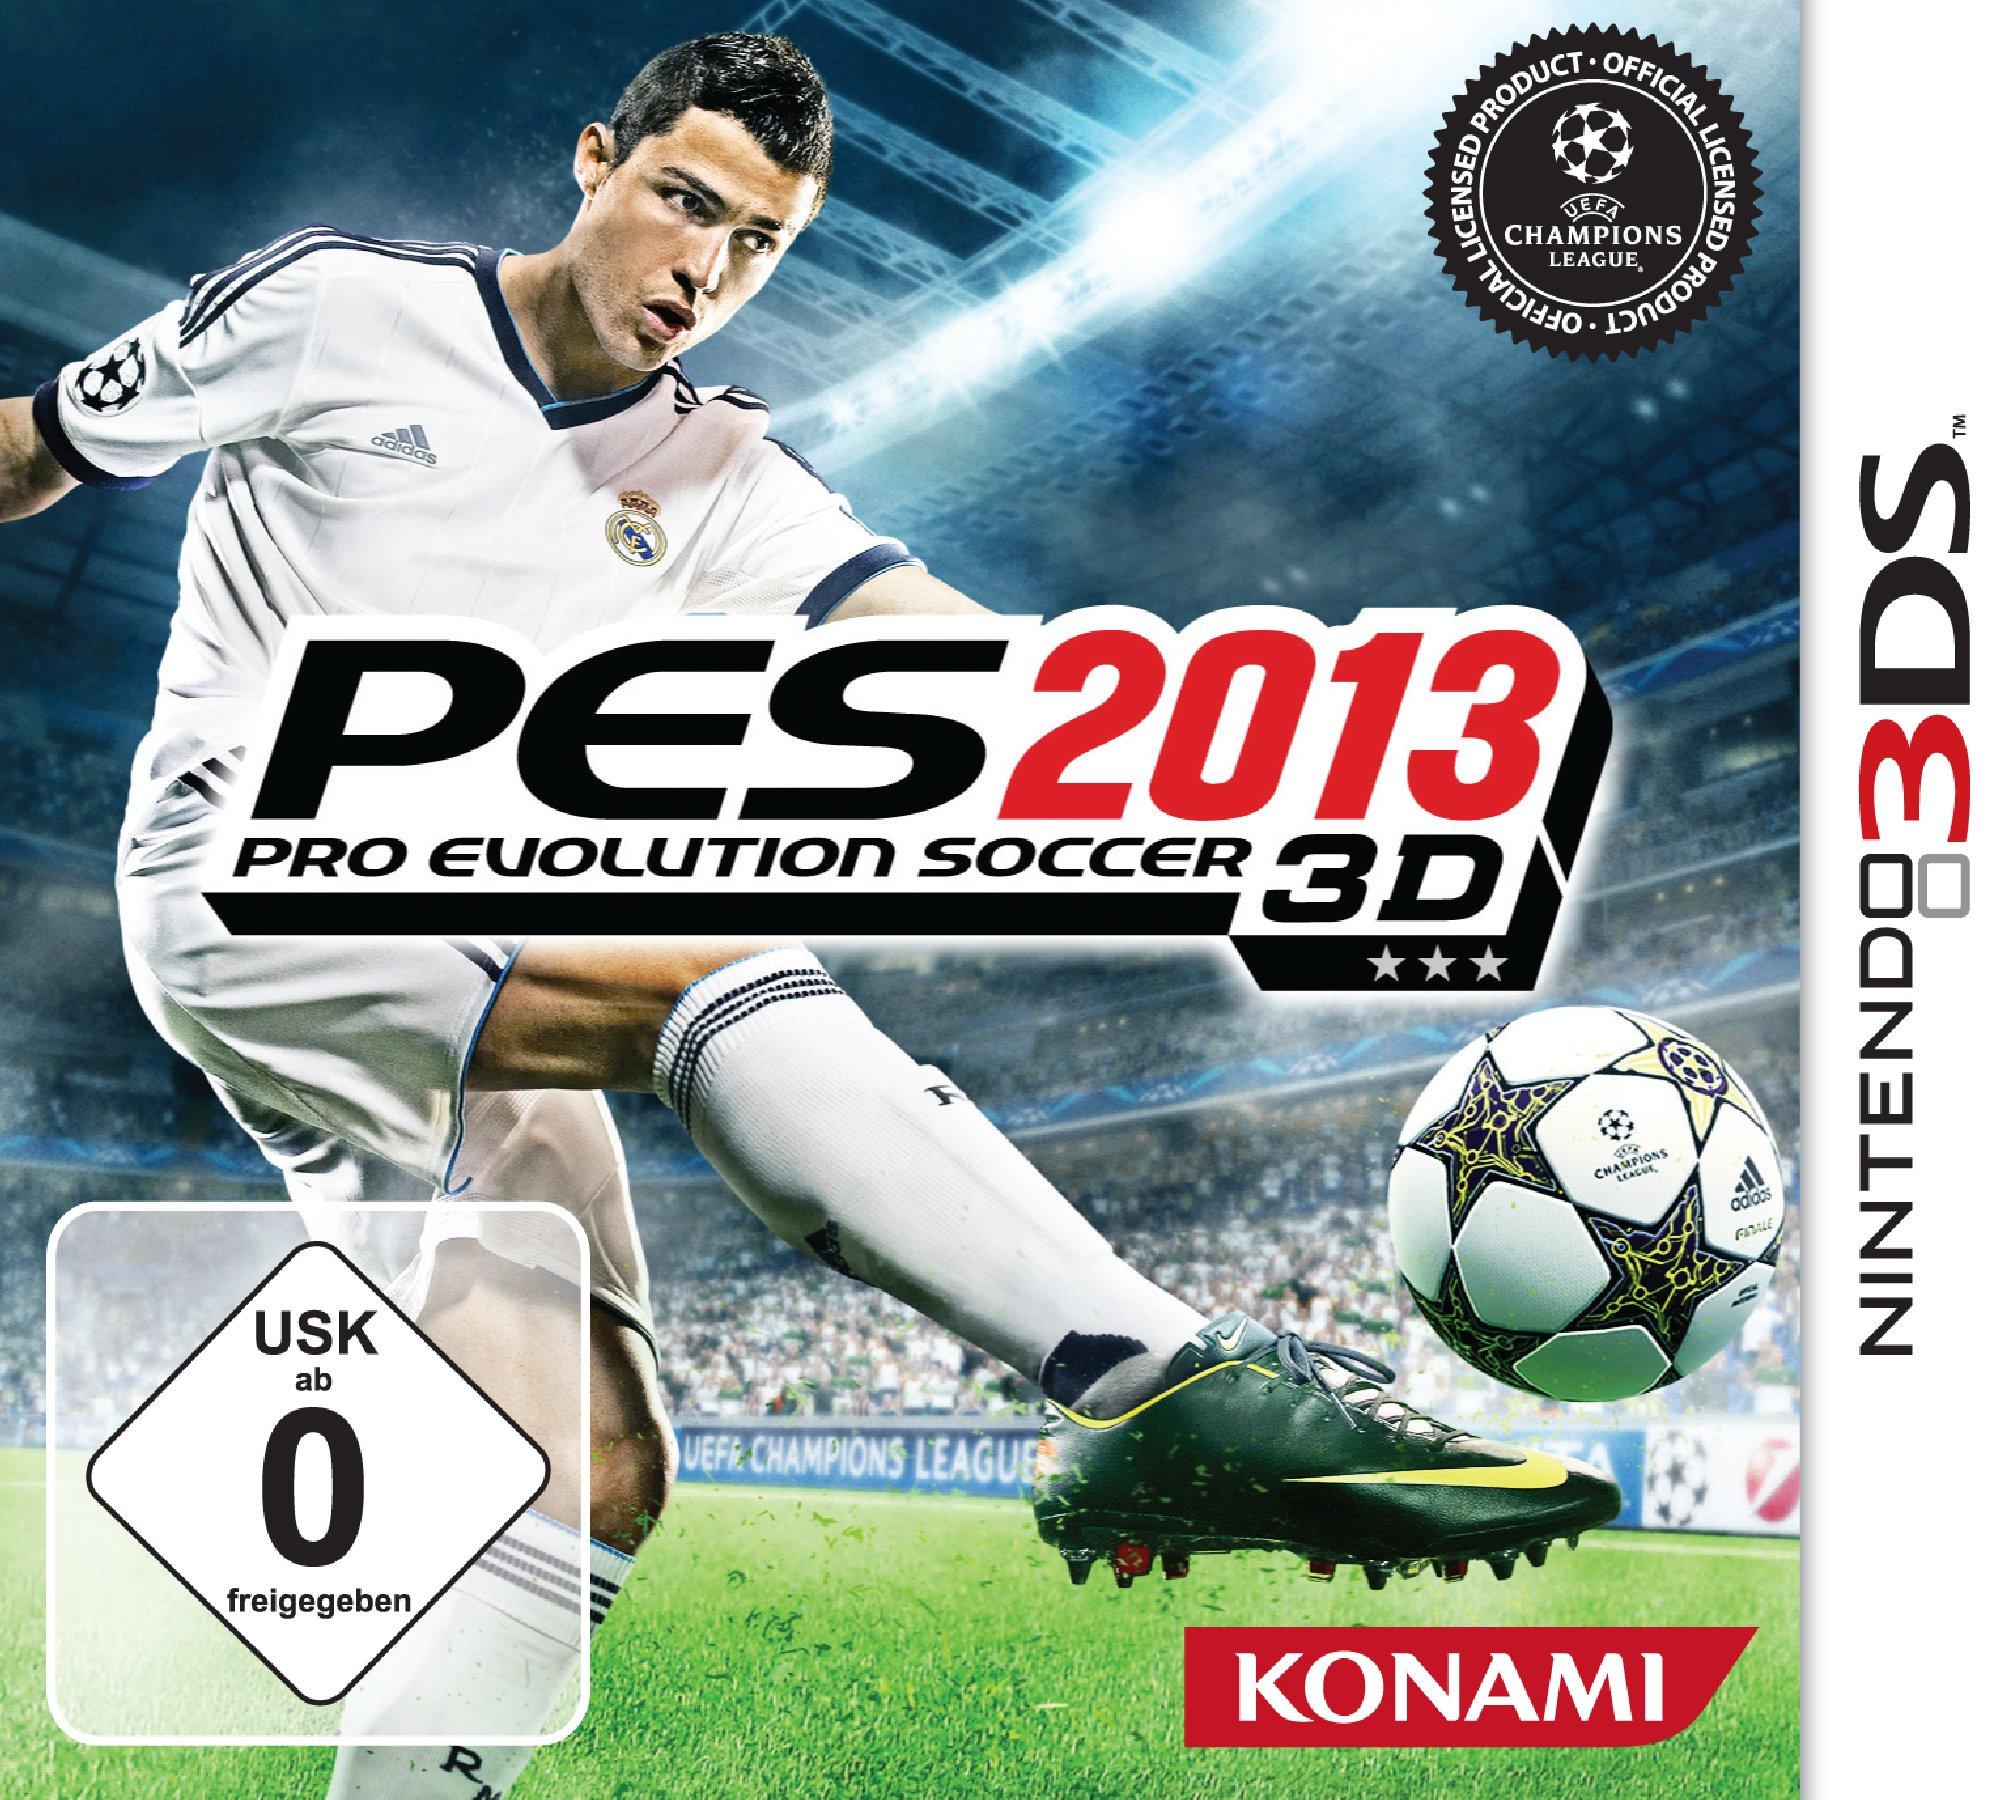 Pes 2013 Pc Edições Evolution: Pro Evolution Soccer 2013: Test, Tipps, Videos, News